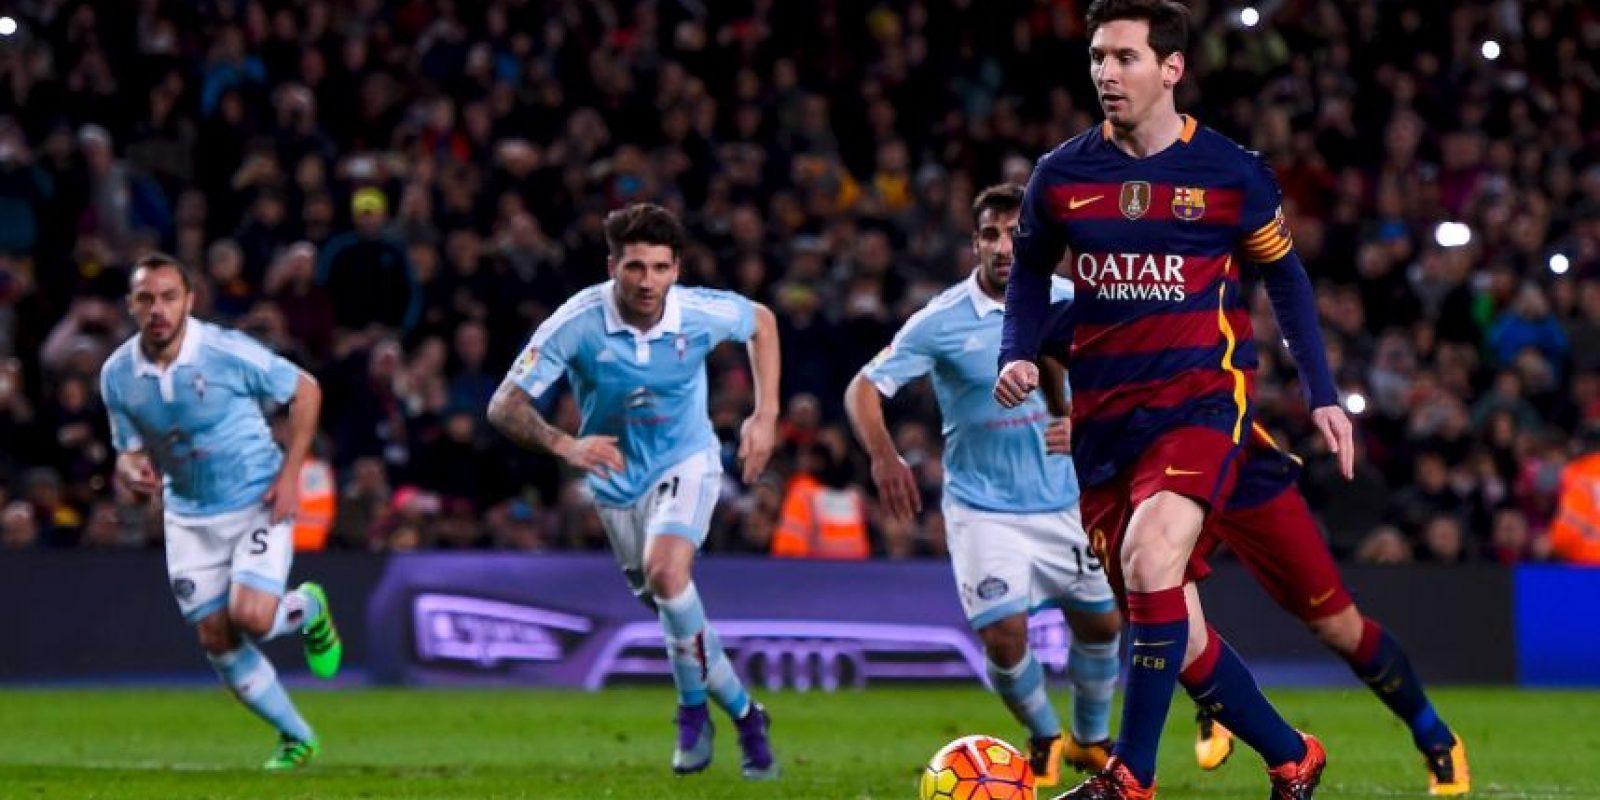 Así fue el polémico penal de pase de los cules: Messi cedió a Luis Suárez para que el uruguayo mandara el balón a las redes Foto:Getty Images